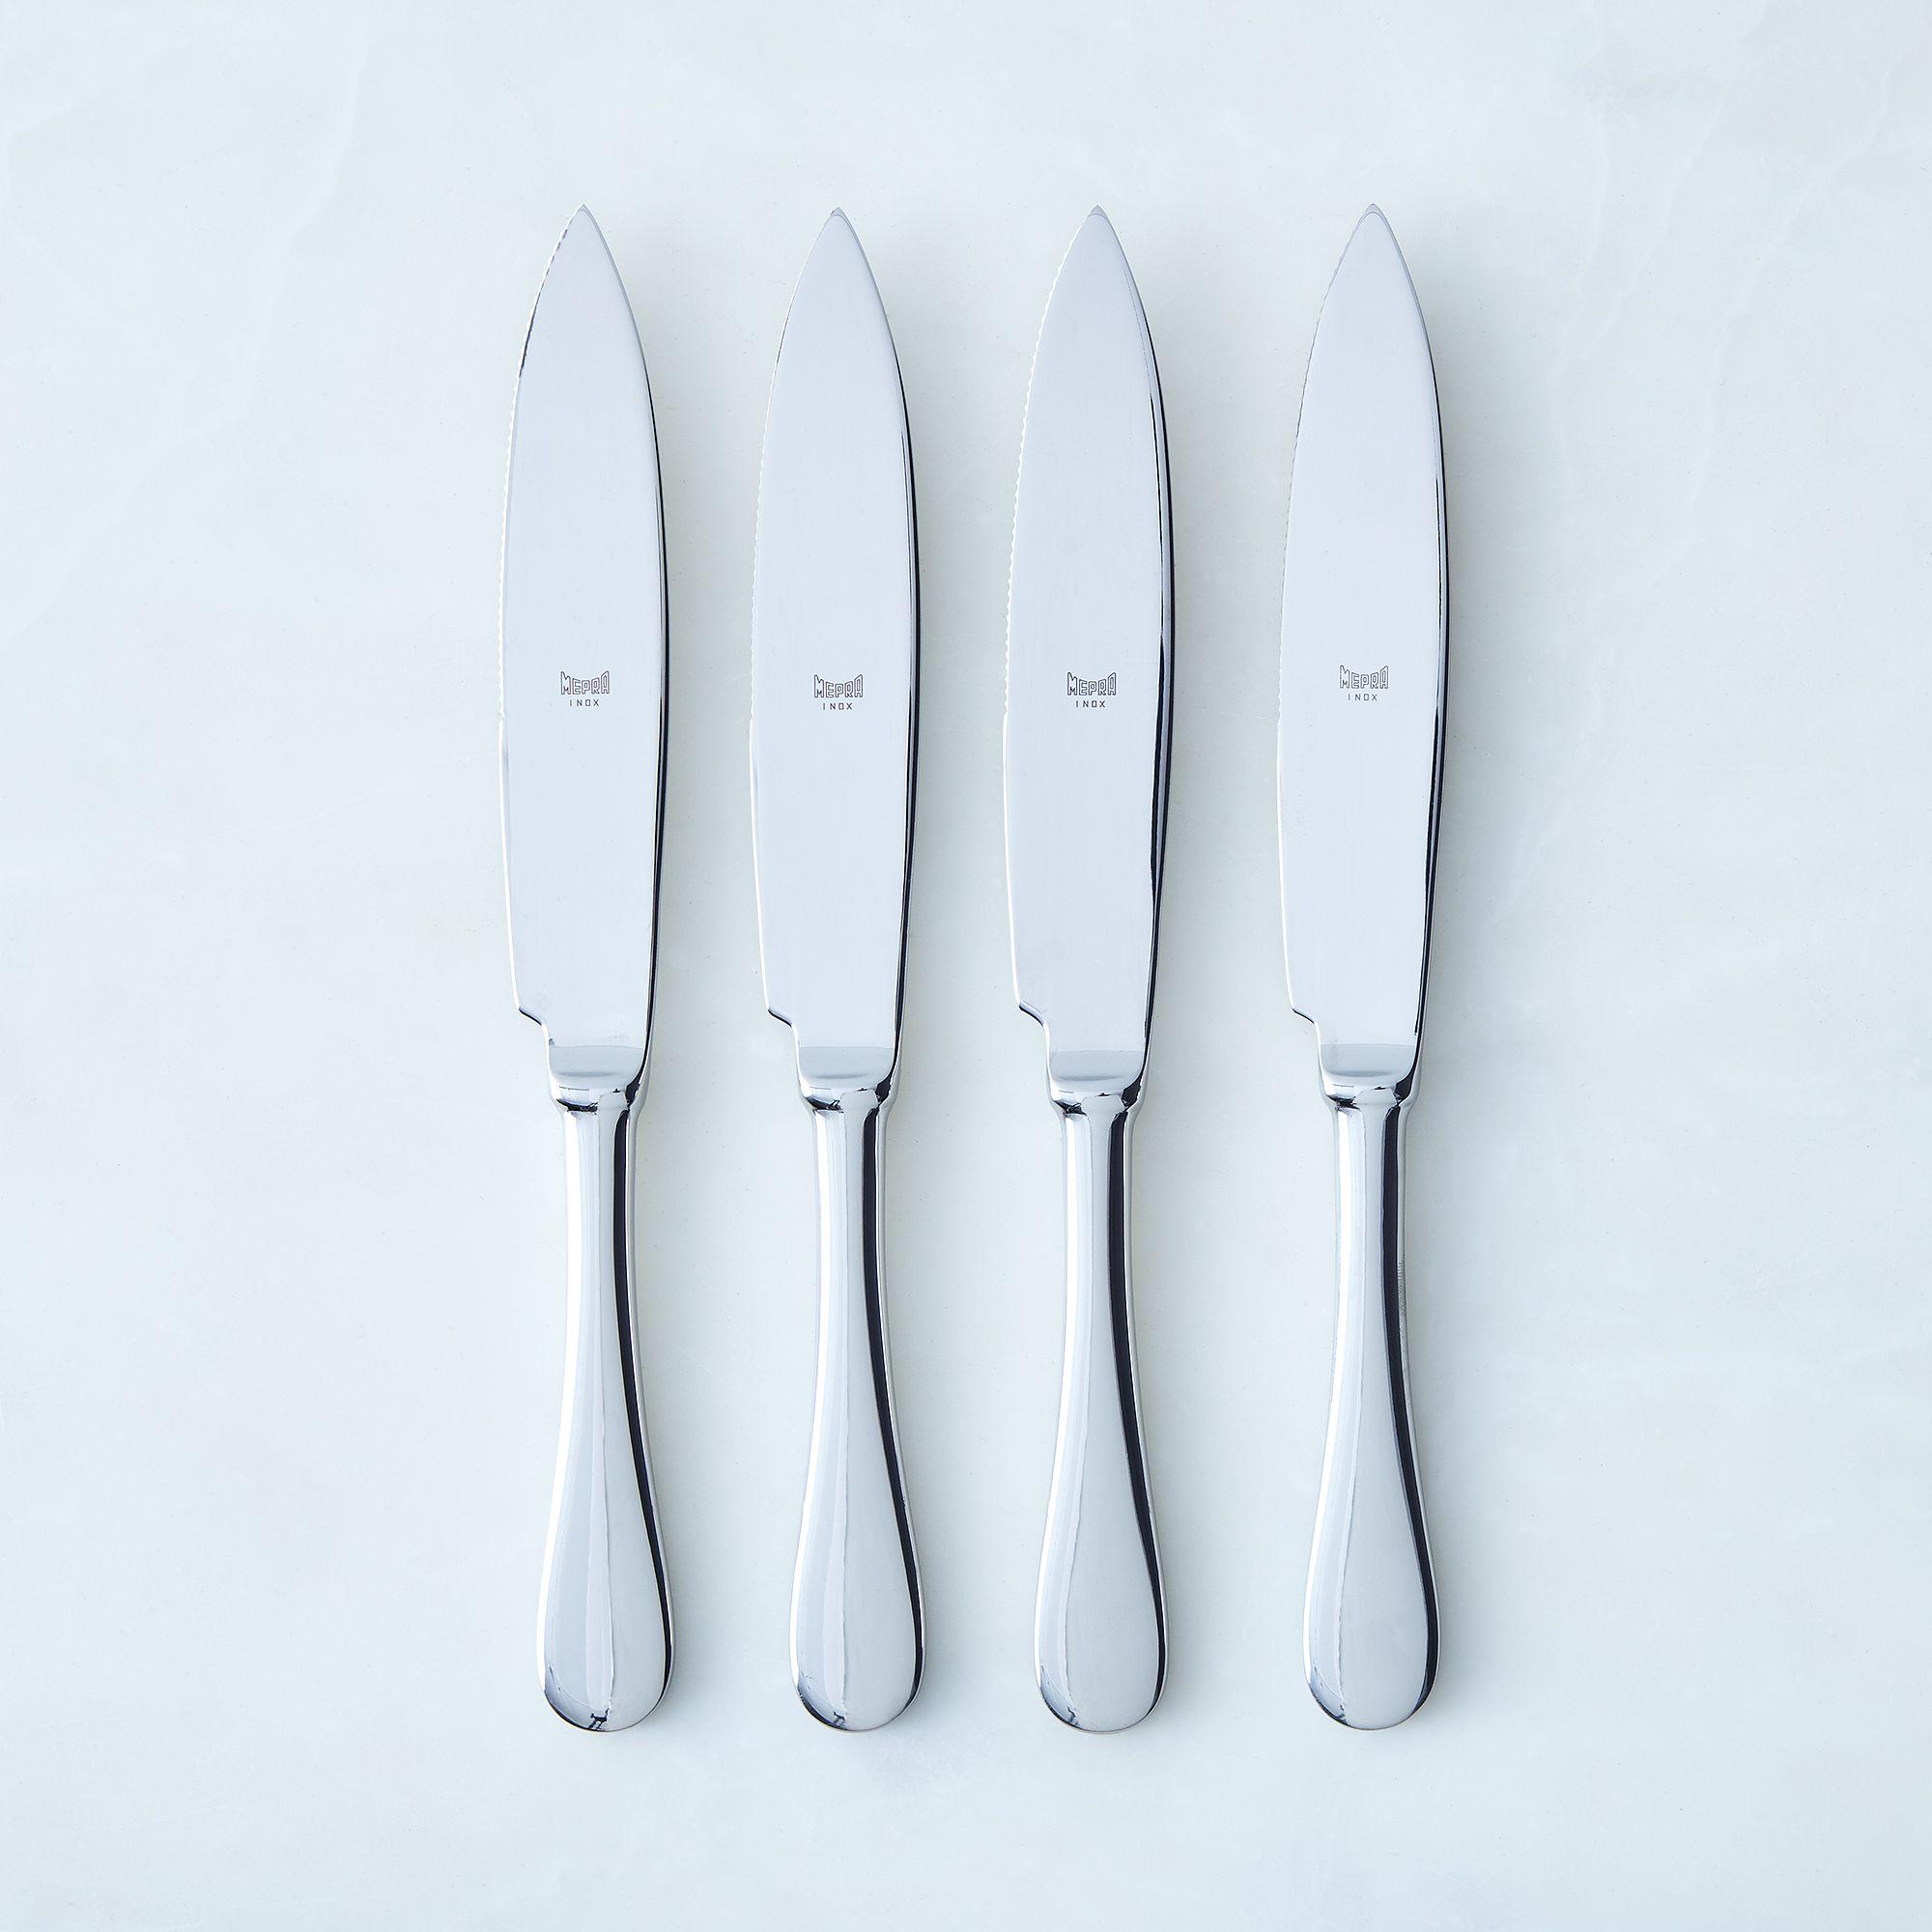 5c521928 3bcc 44ec bf45 9c65c15a90e4  2017 0511 mepra steak knives set of 4 stainless steel shine detail silo rocky luten 006